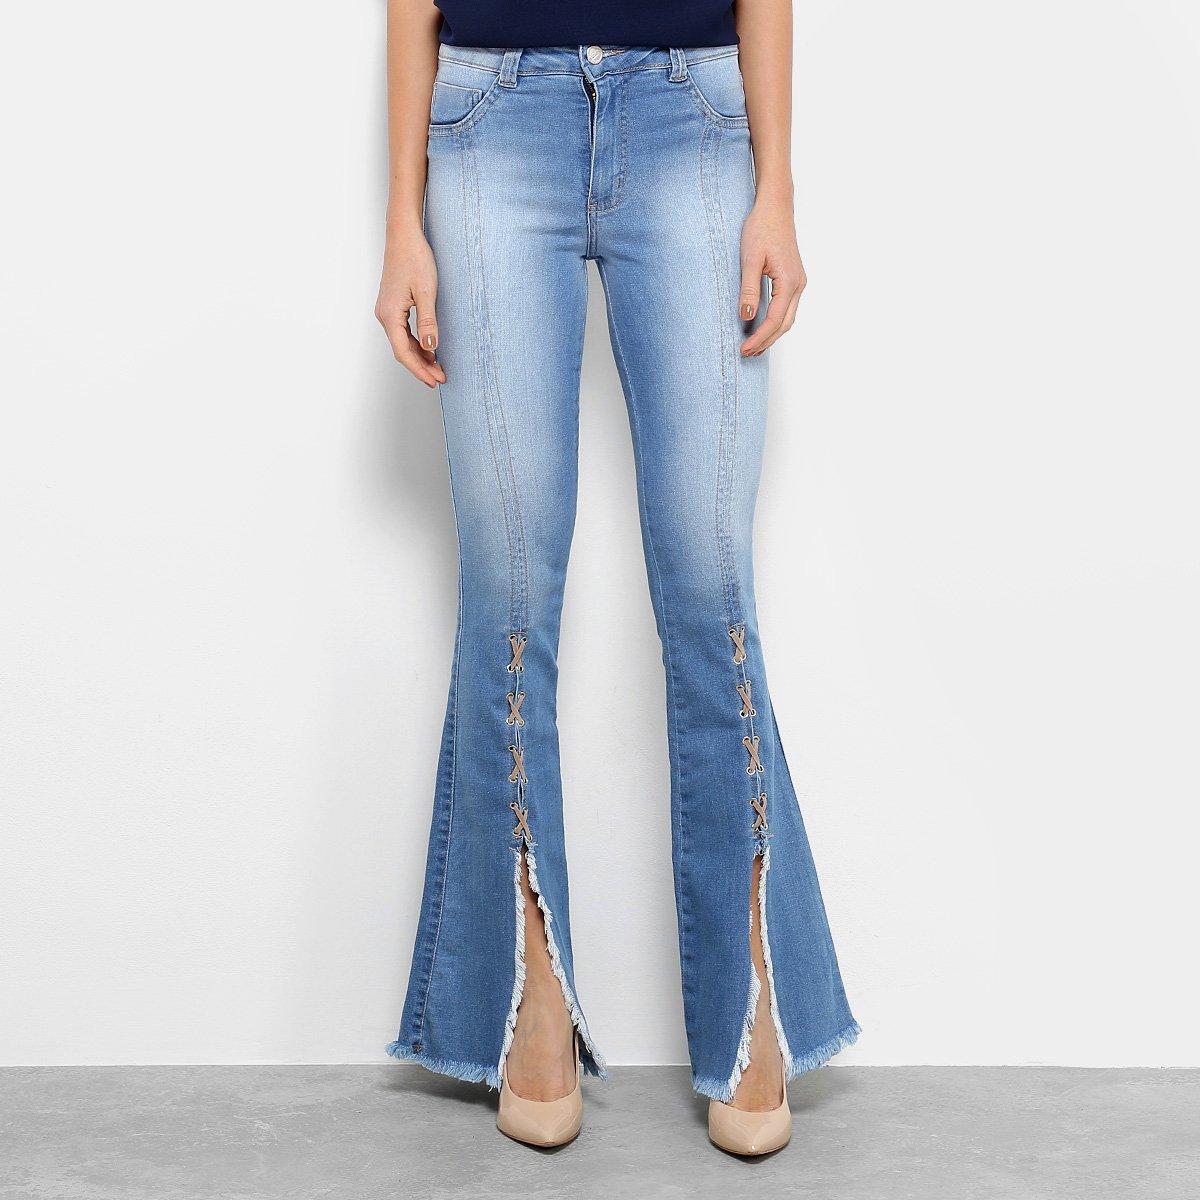 825c95d0e5 Calça Jeans Flare Biotipo Barra Desfiada Cintura Média Feminina